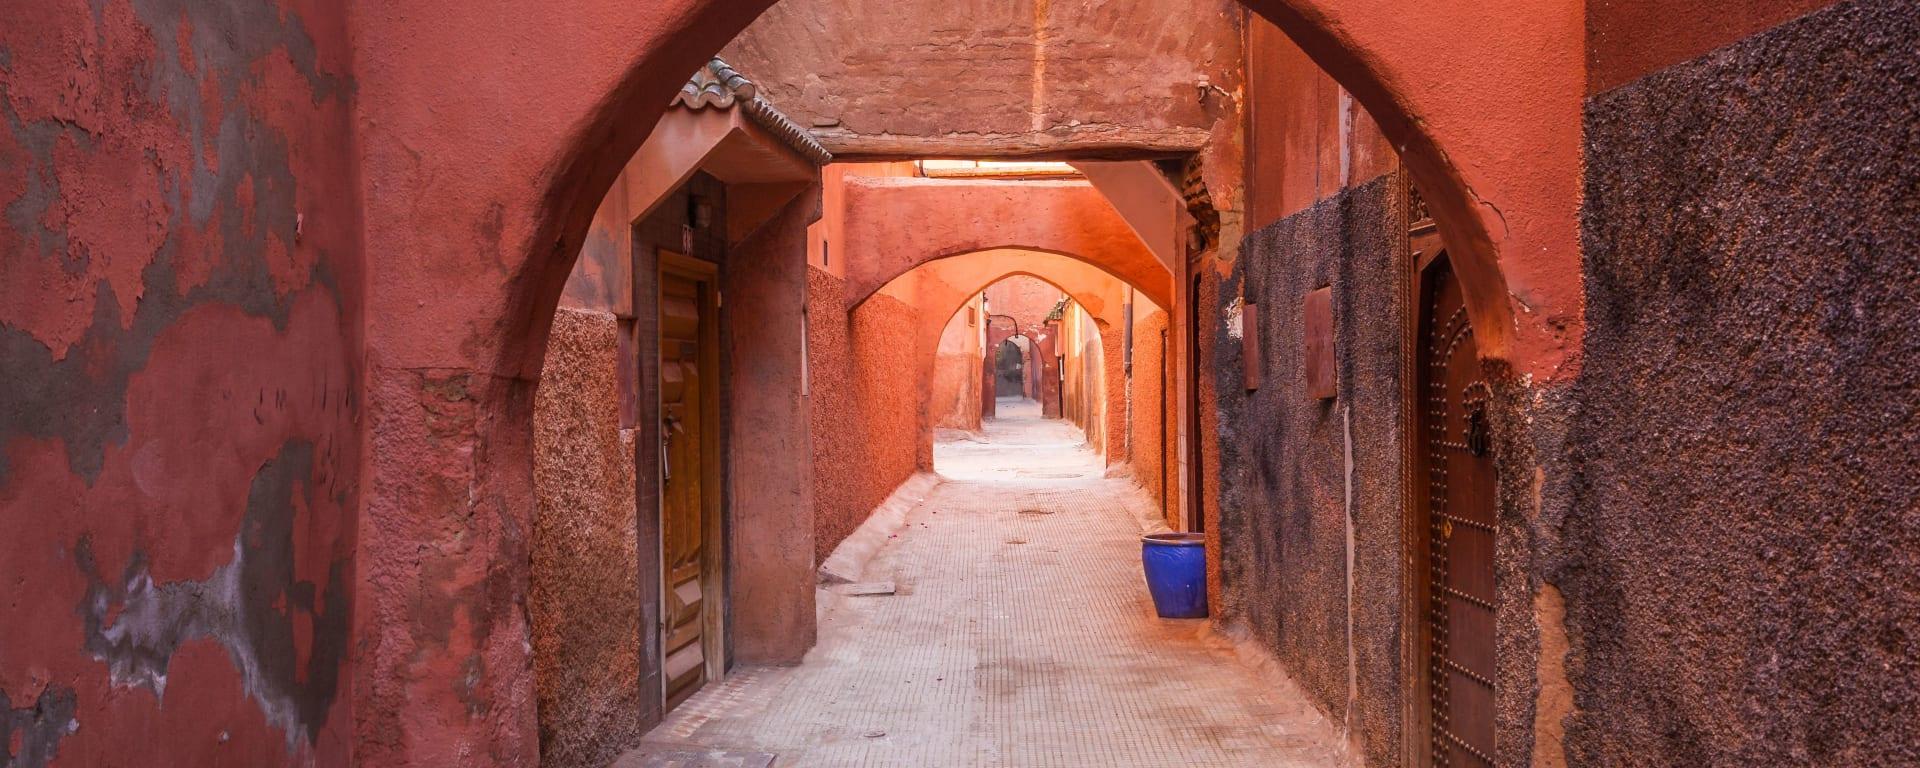 Marokko für Genießer: Die Glanzlichter des Königreichs ab Casablanca: Marrakesch die rote Perle